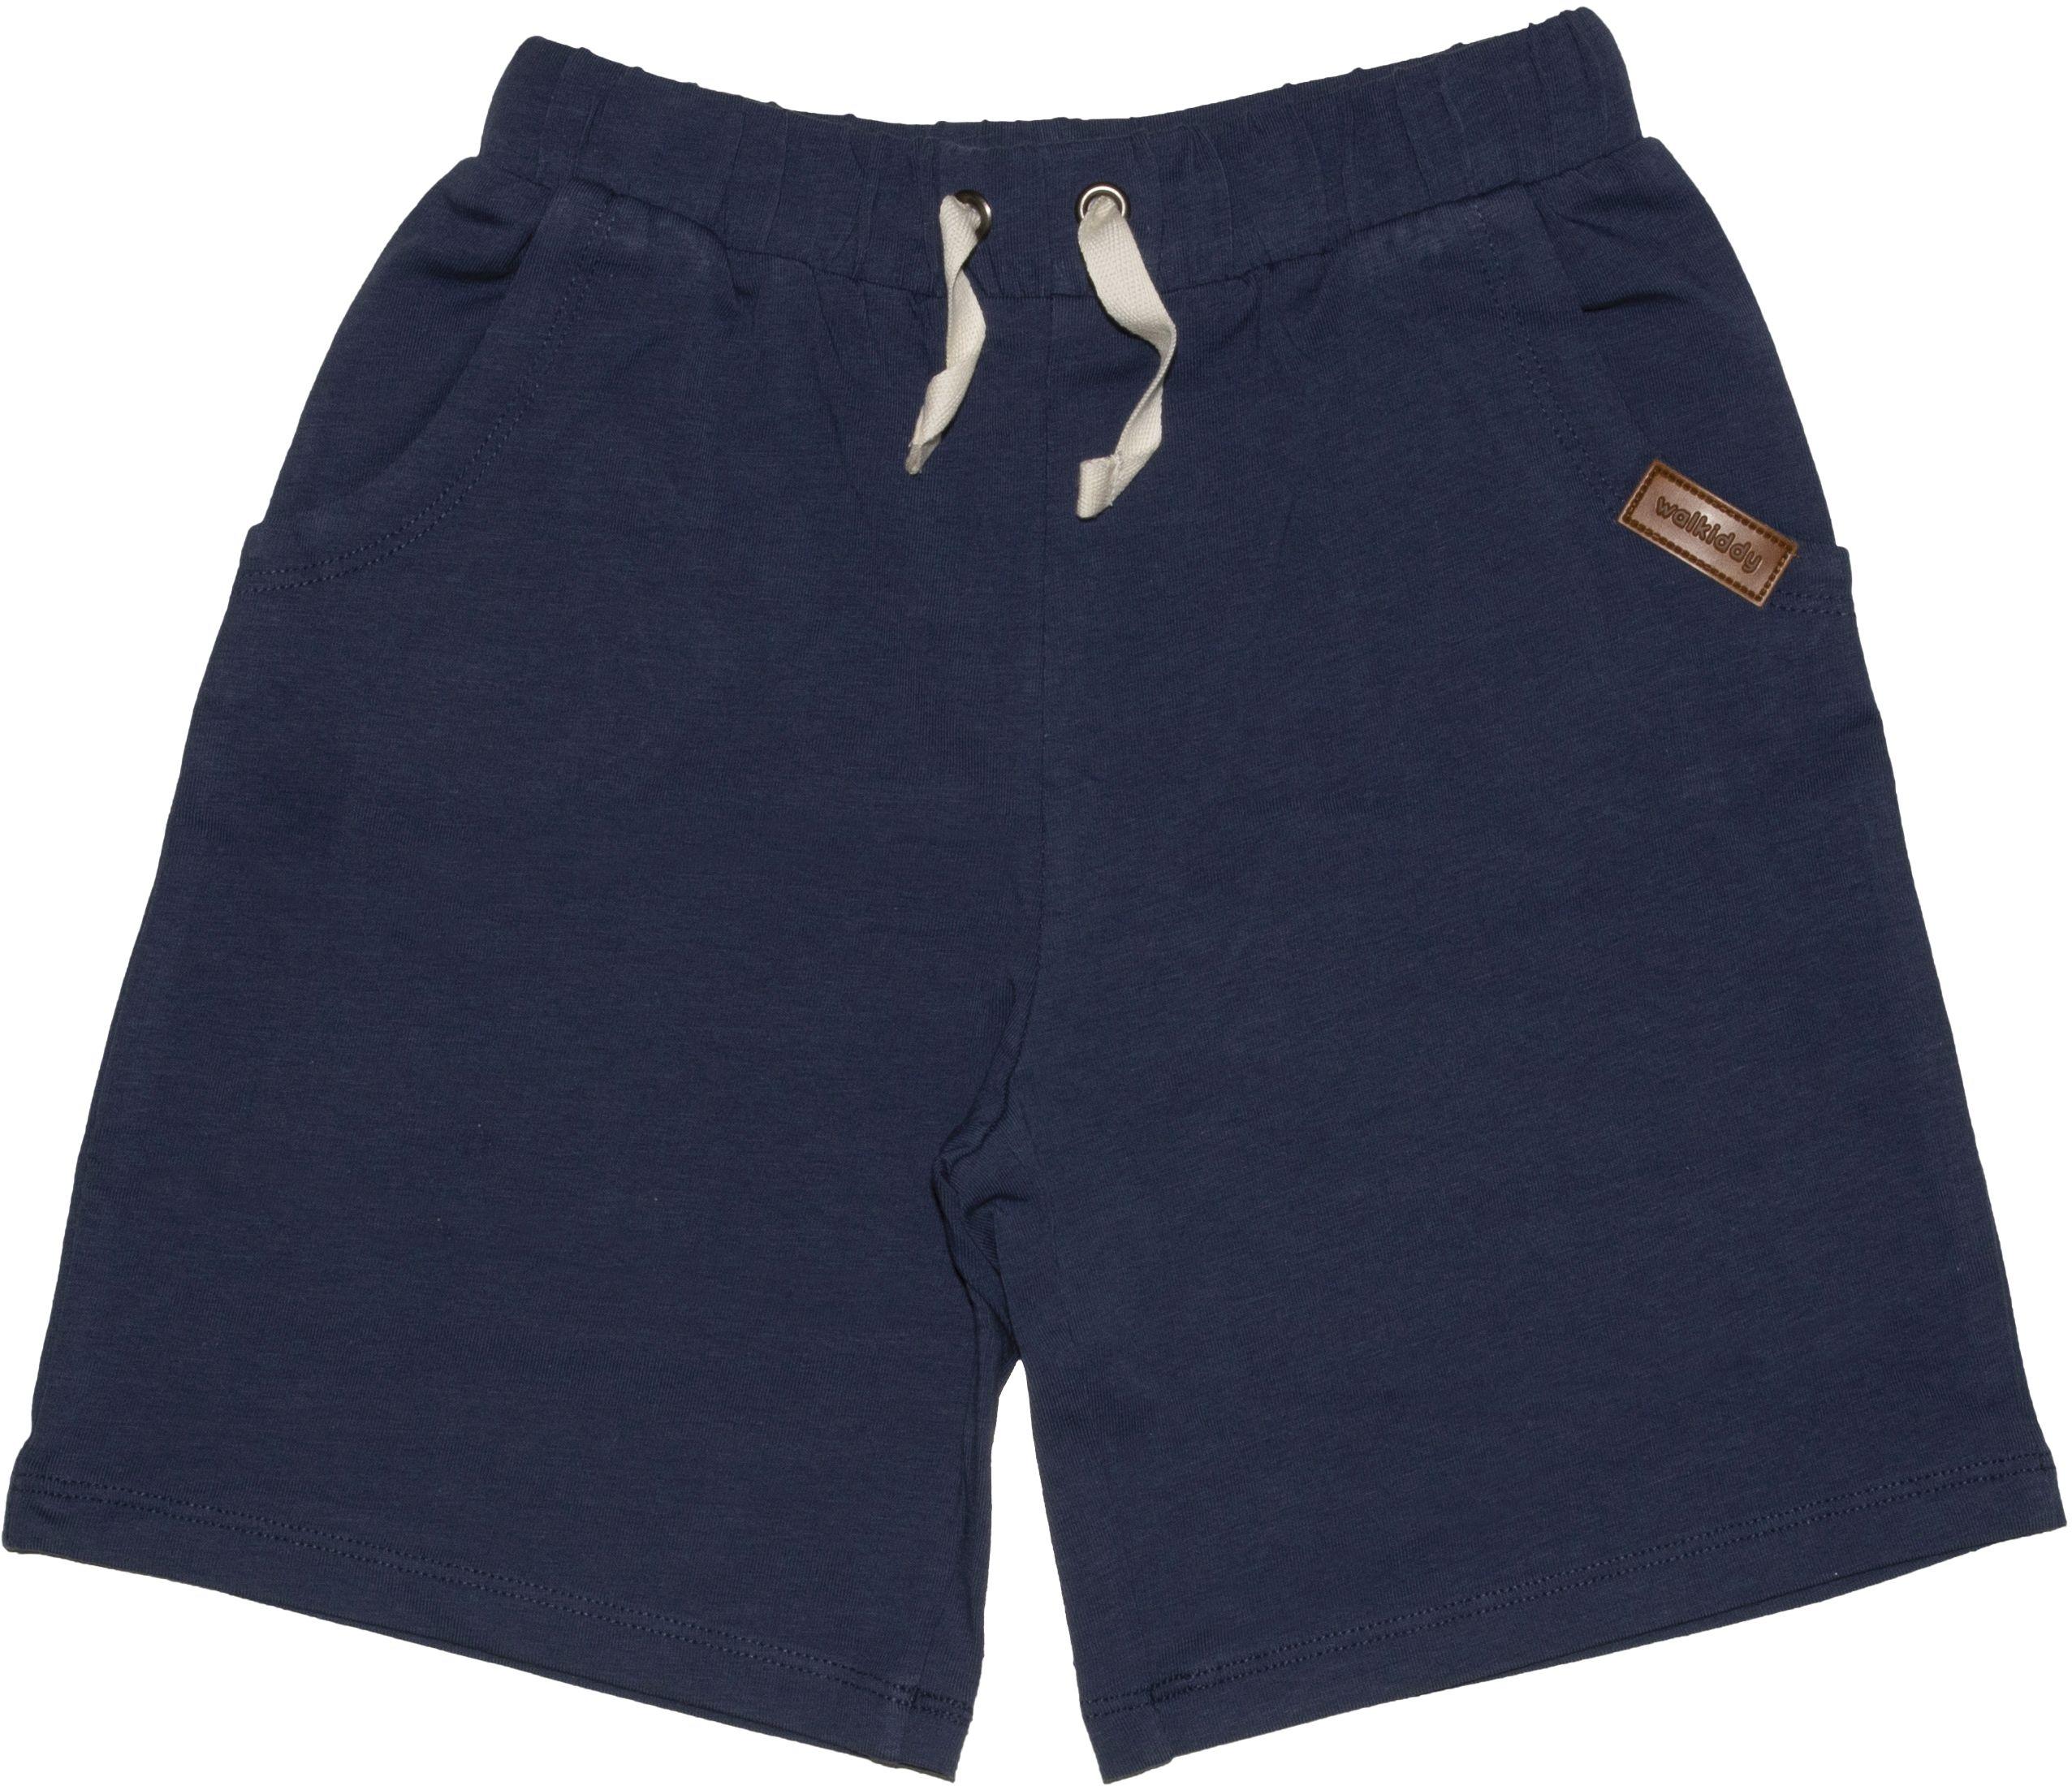 Walkiddy Shorts Indigo